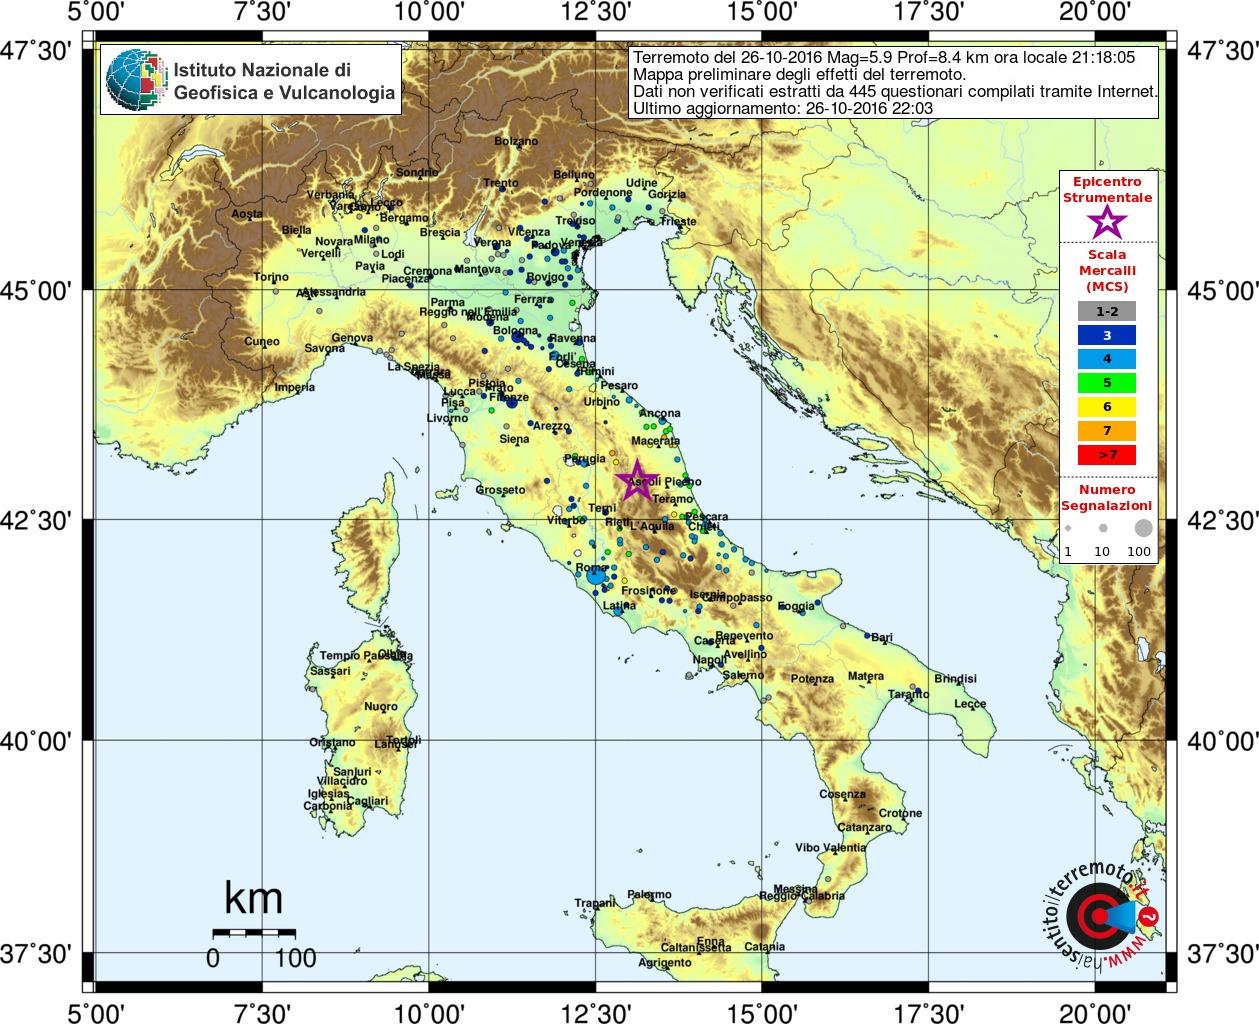 Sequenza sismica in italia centrale aggiornamento del 26 for Ingv lista terremoti di oggi